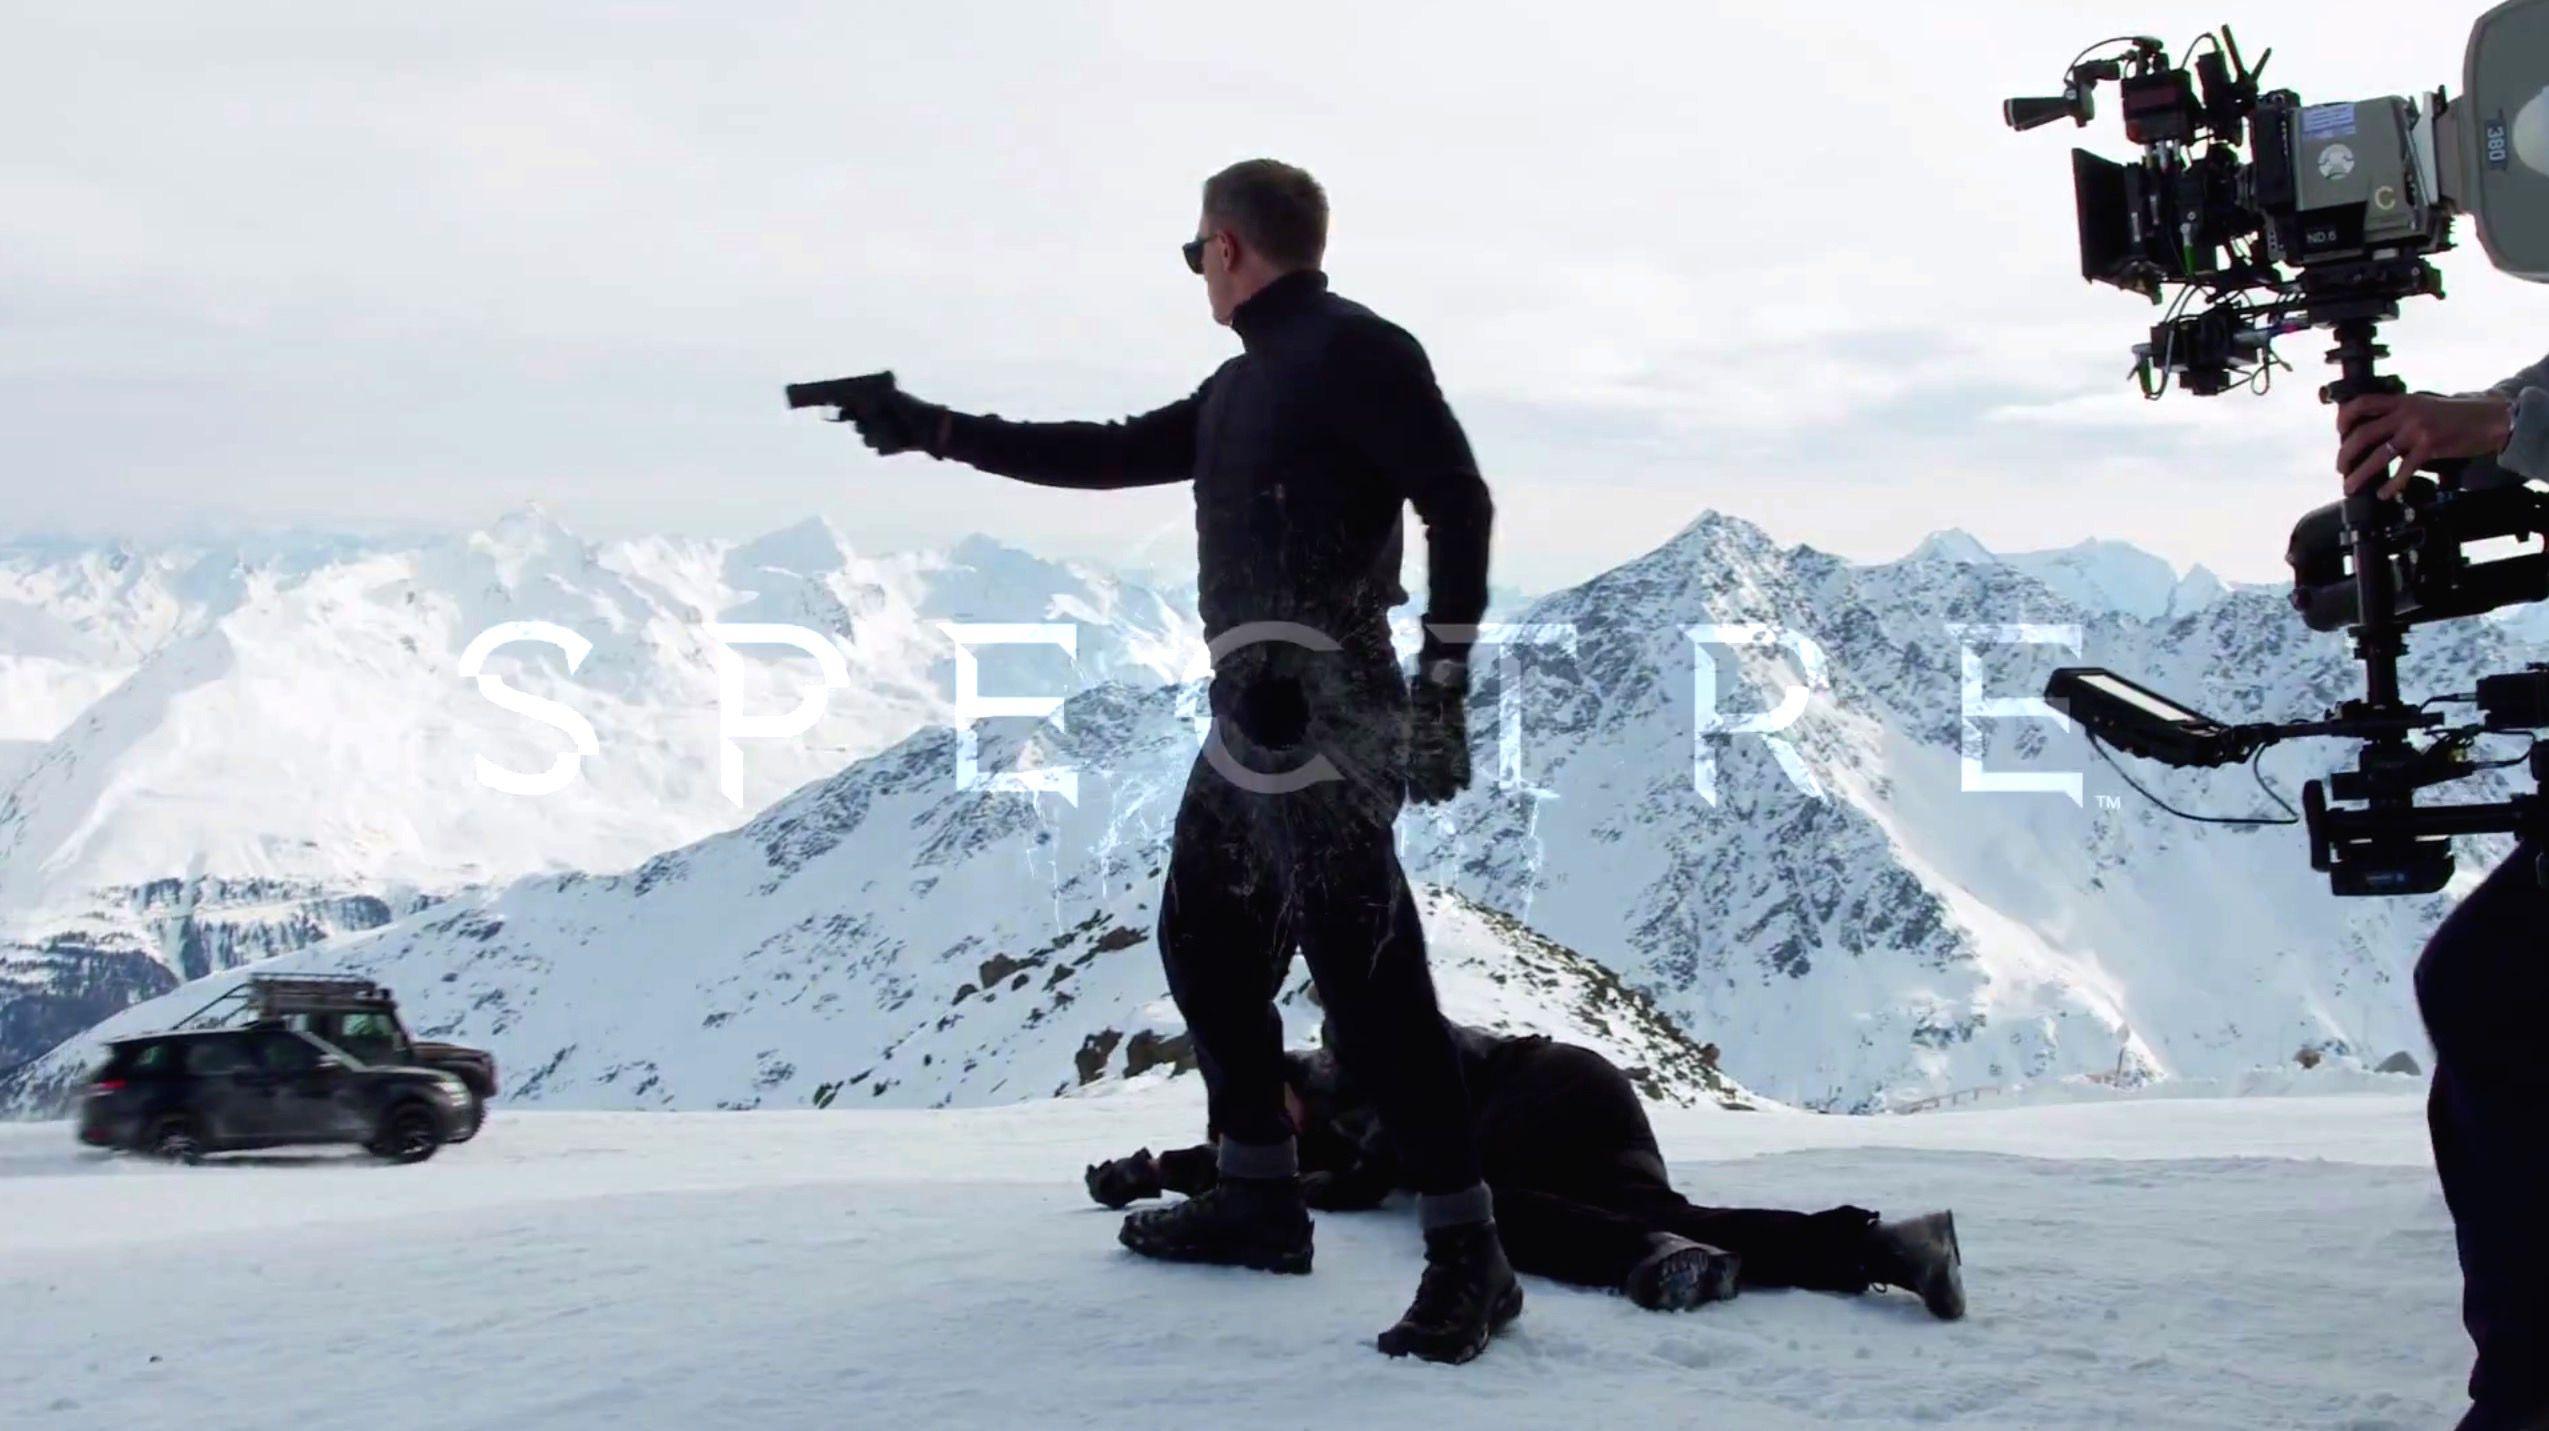 Tra borghi montani in Austria sulle tracce di 007 Spectre